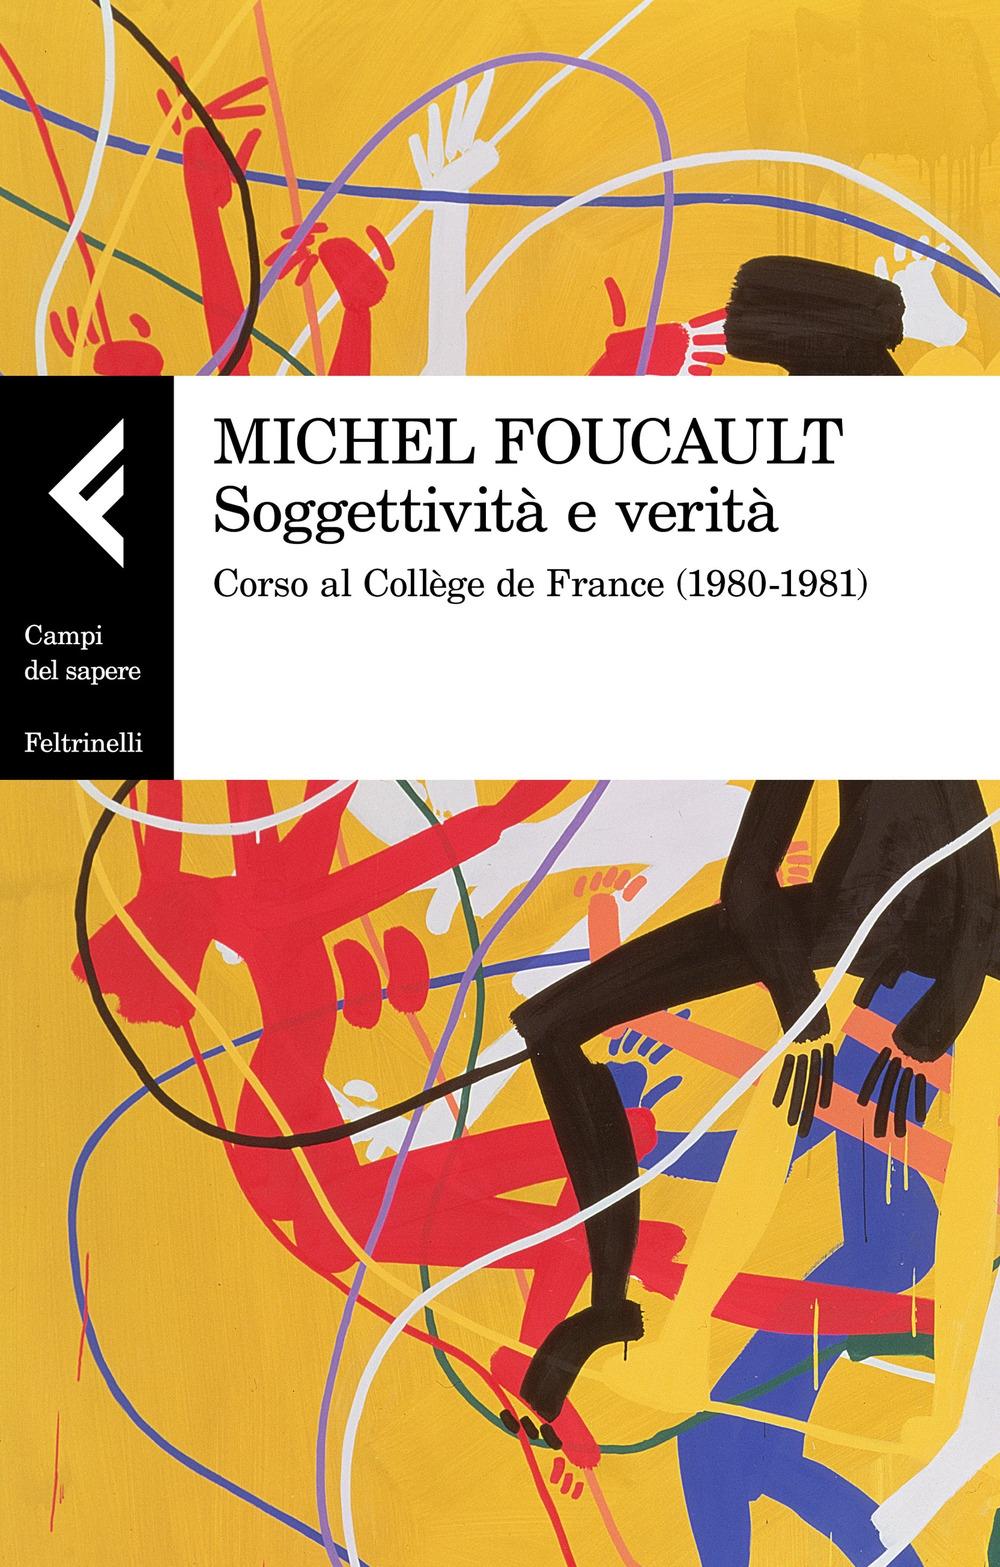 Soggettività e verità. Corso al Collège de France (1980-1981).